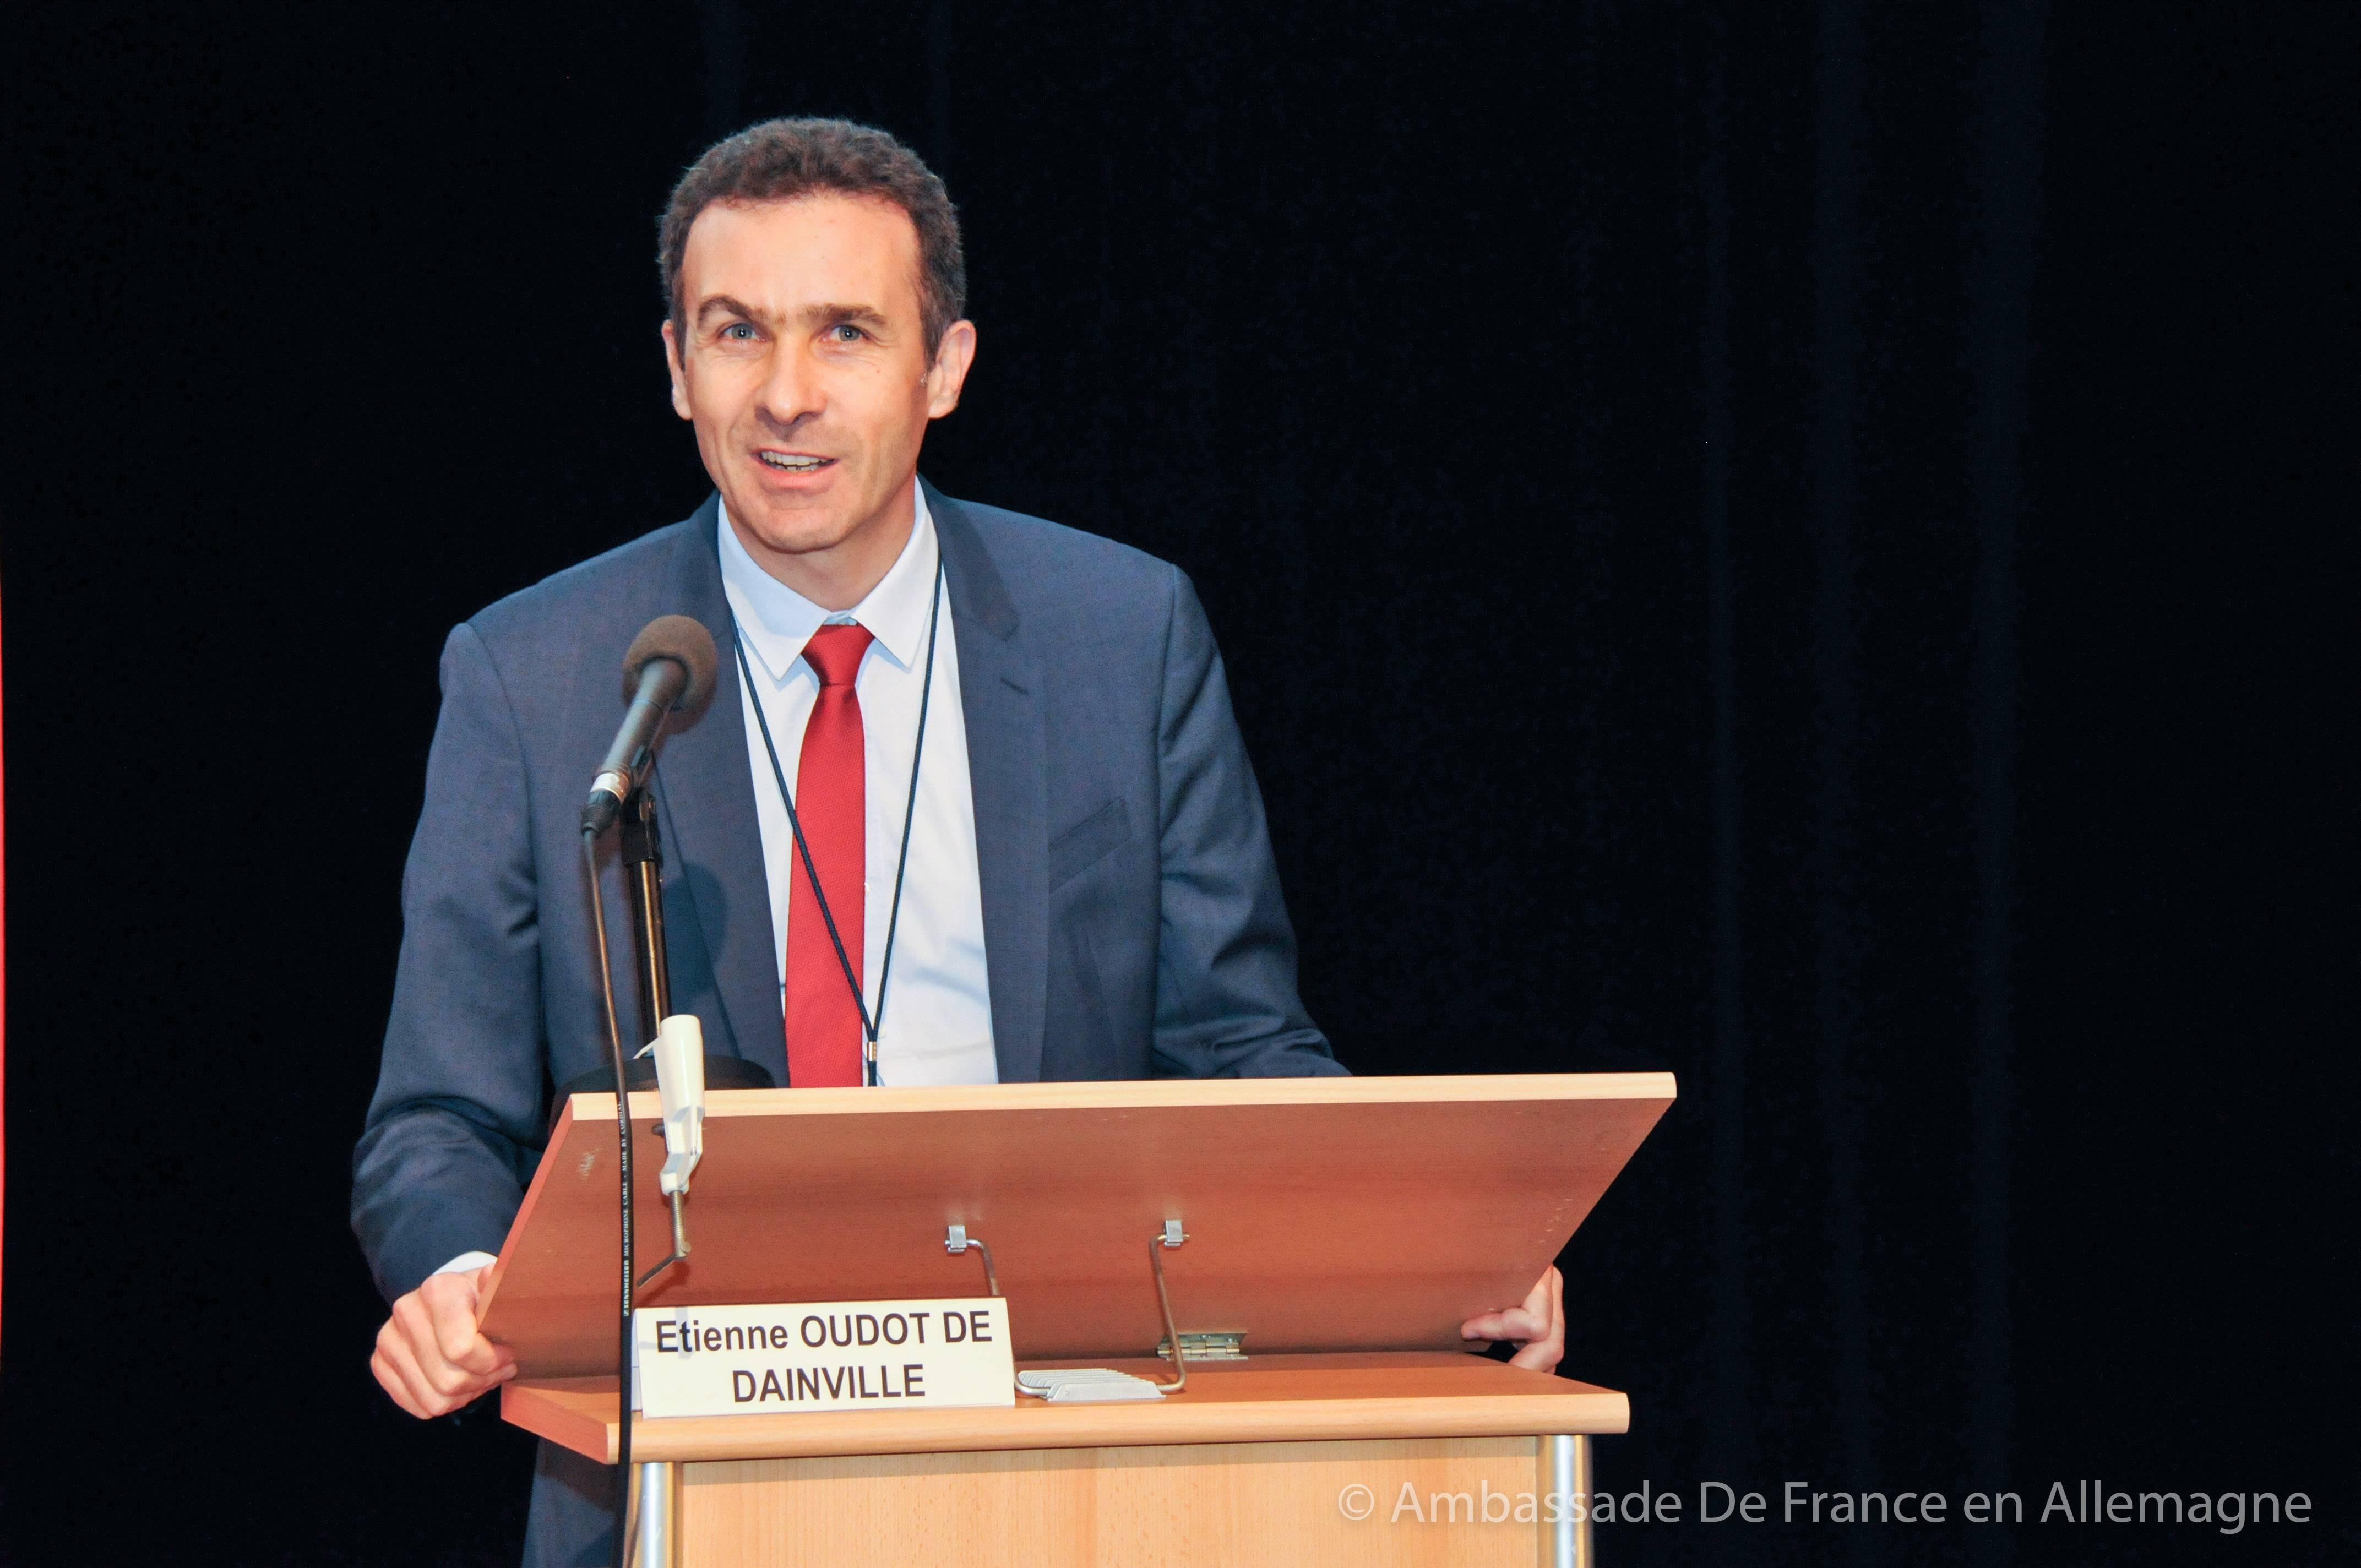 Etienne Oudot de Dainville - Quinzaine franco-allemande d'Occitanie 2019